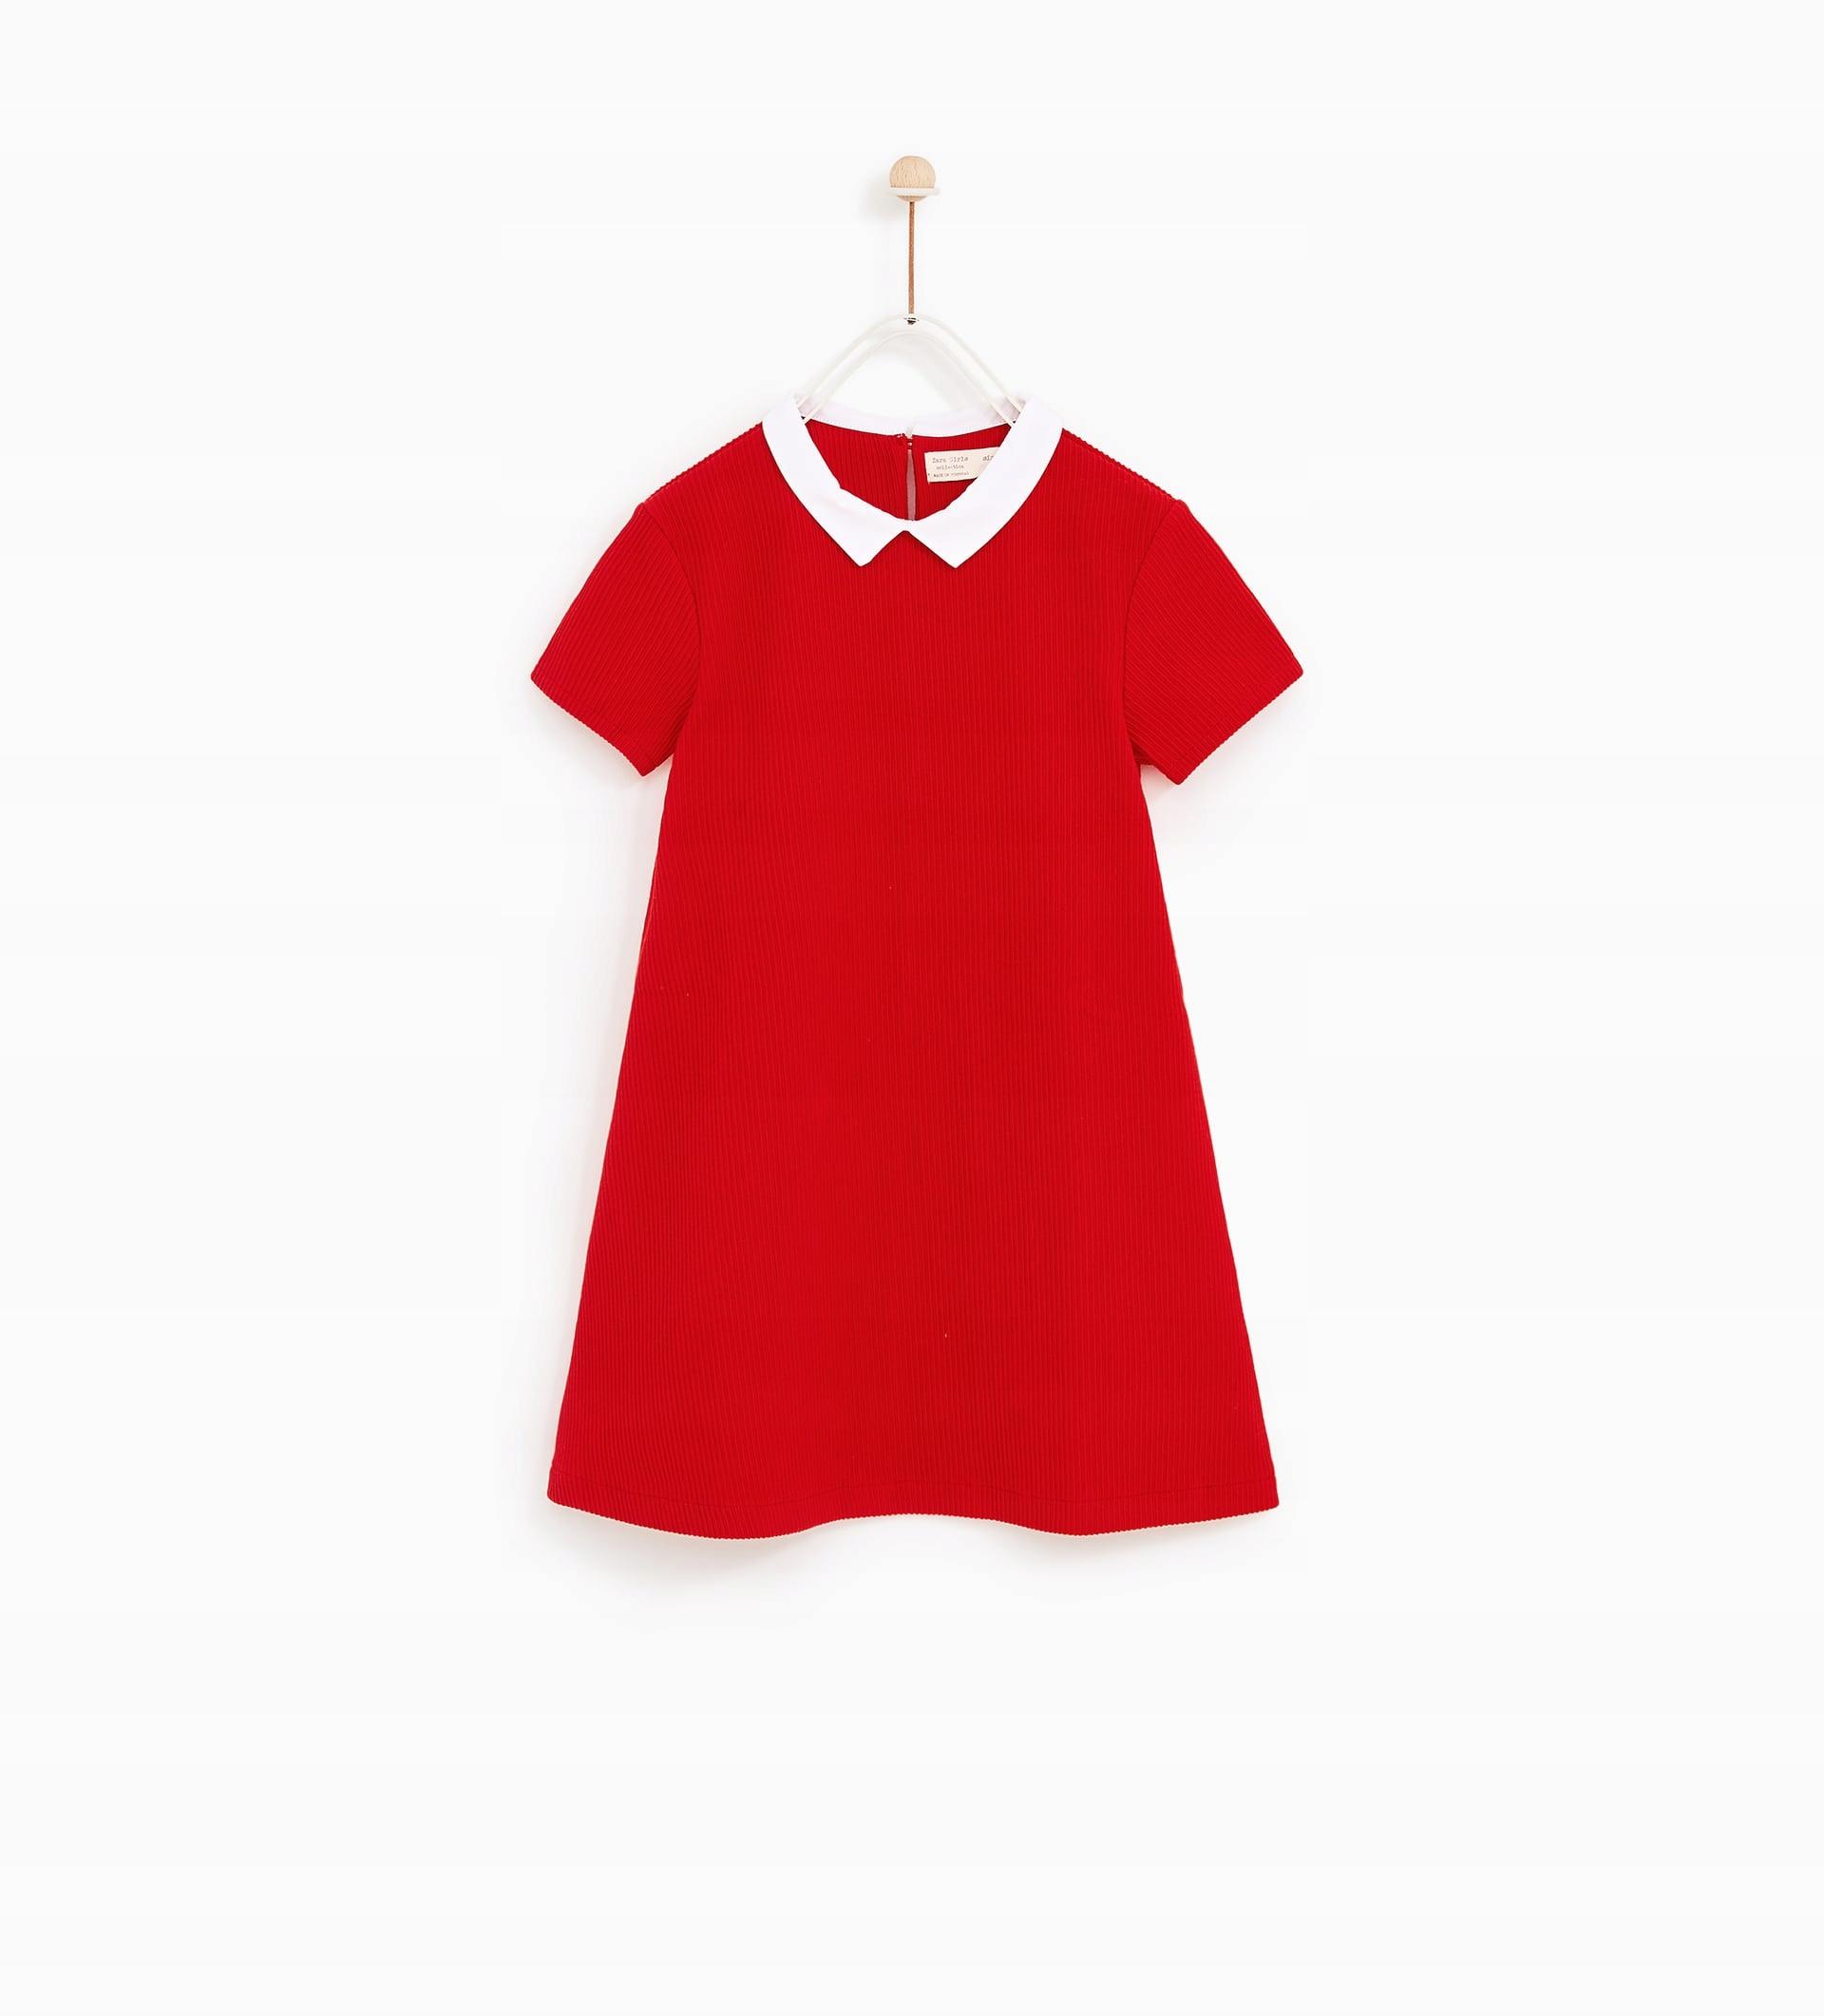 216724adee Śliczna sukienka Zara 152 dziewczynka 11-12 lat - 7666621649 ...